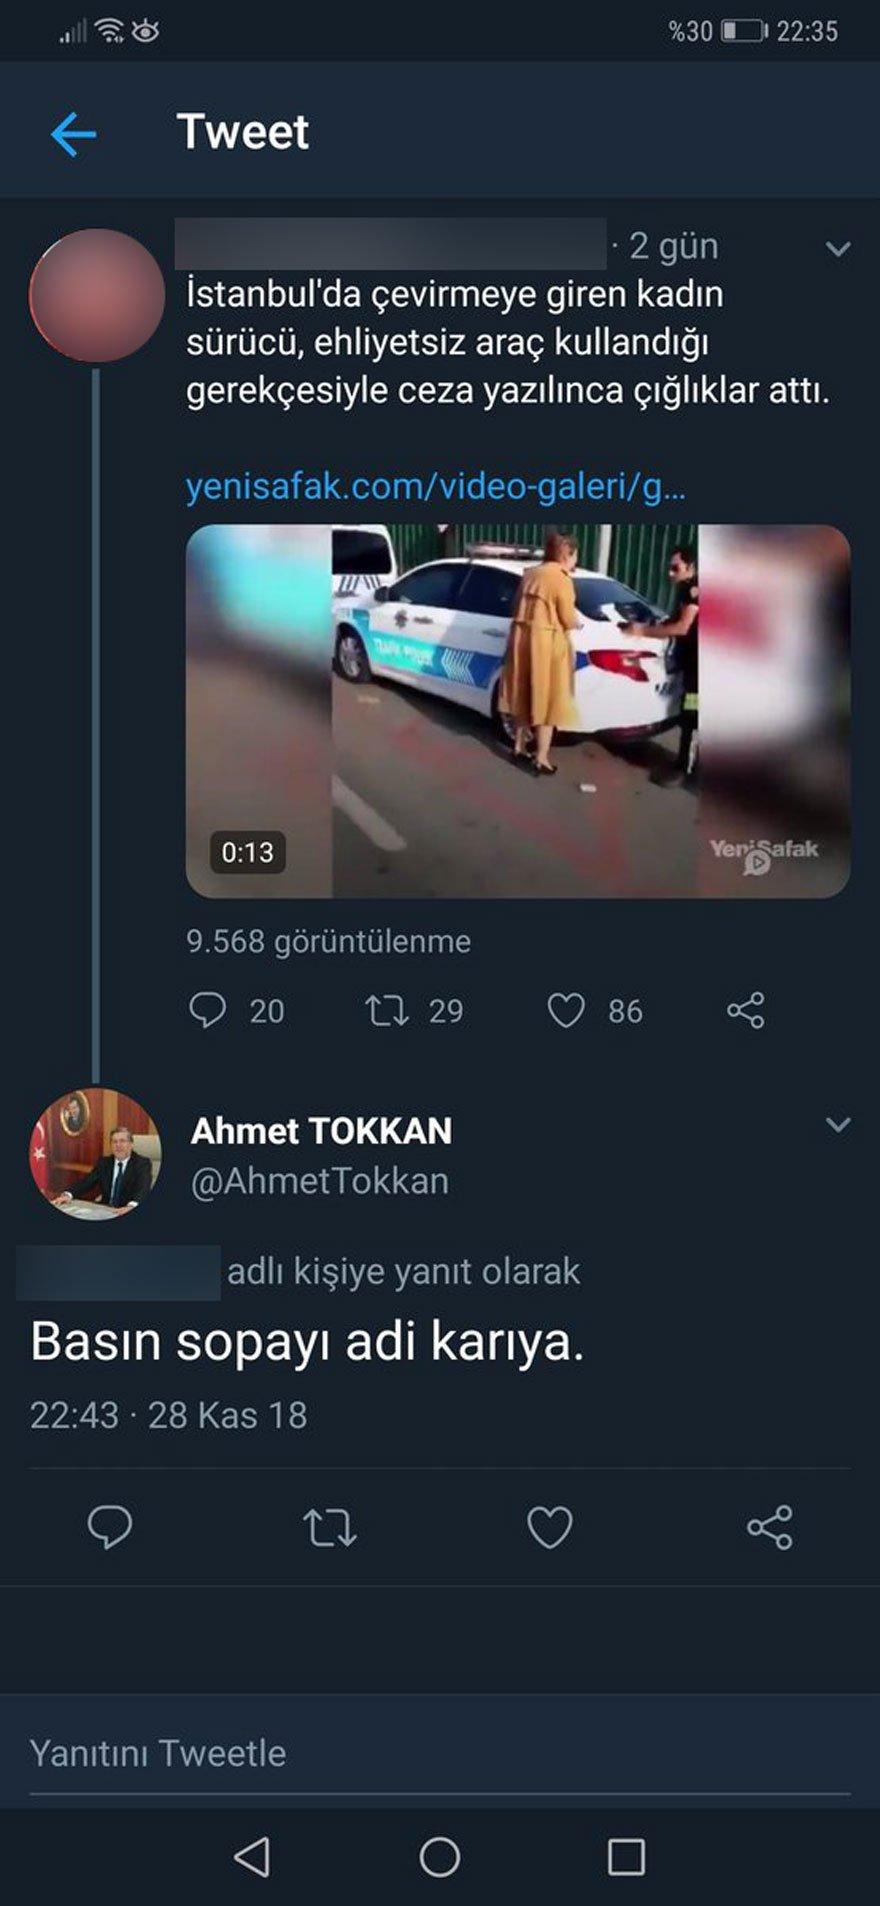 Tokkan'ın sosyal medyadaki hakaret içeren sözleri vatandaşlardan tepki çekti.